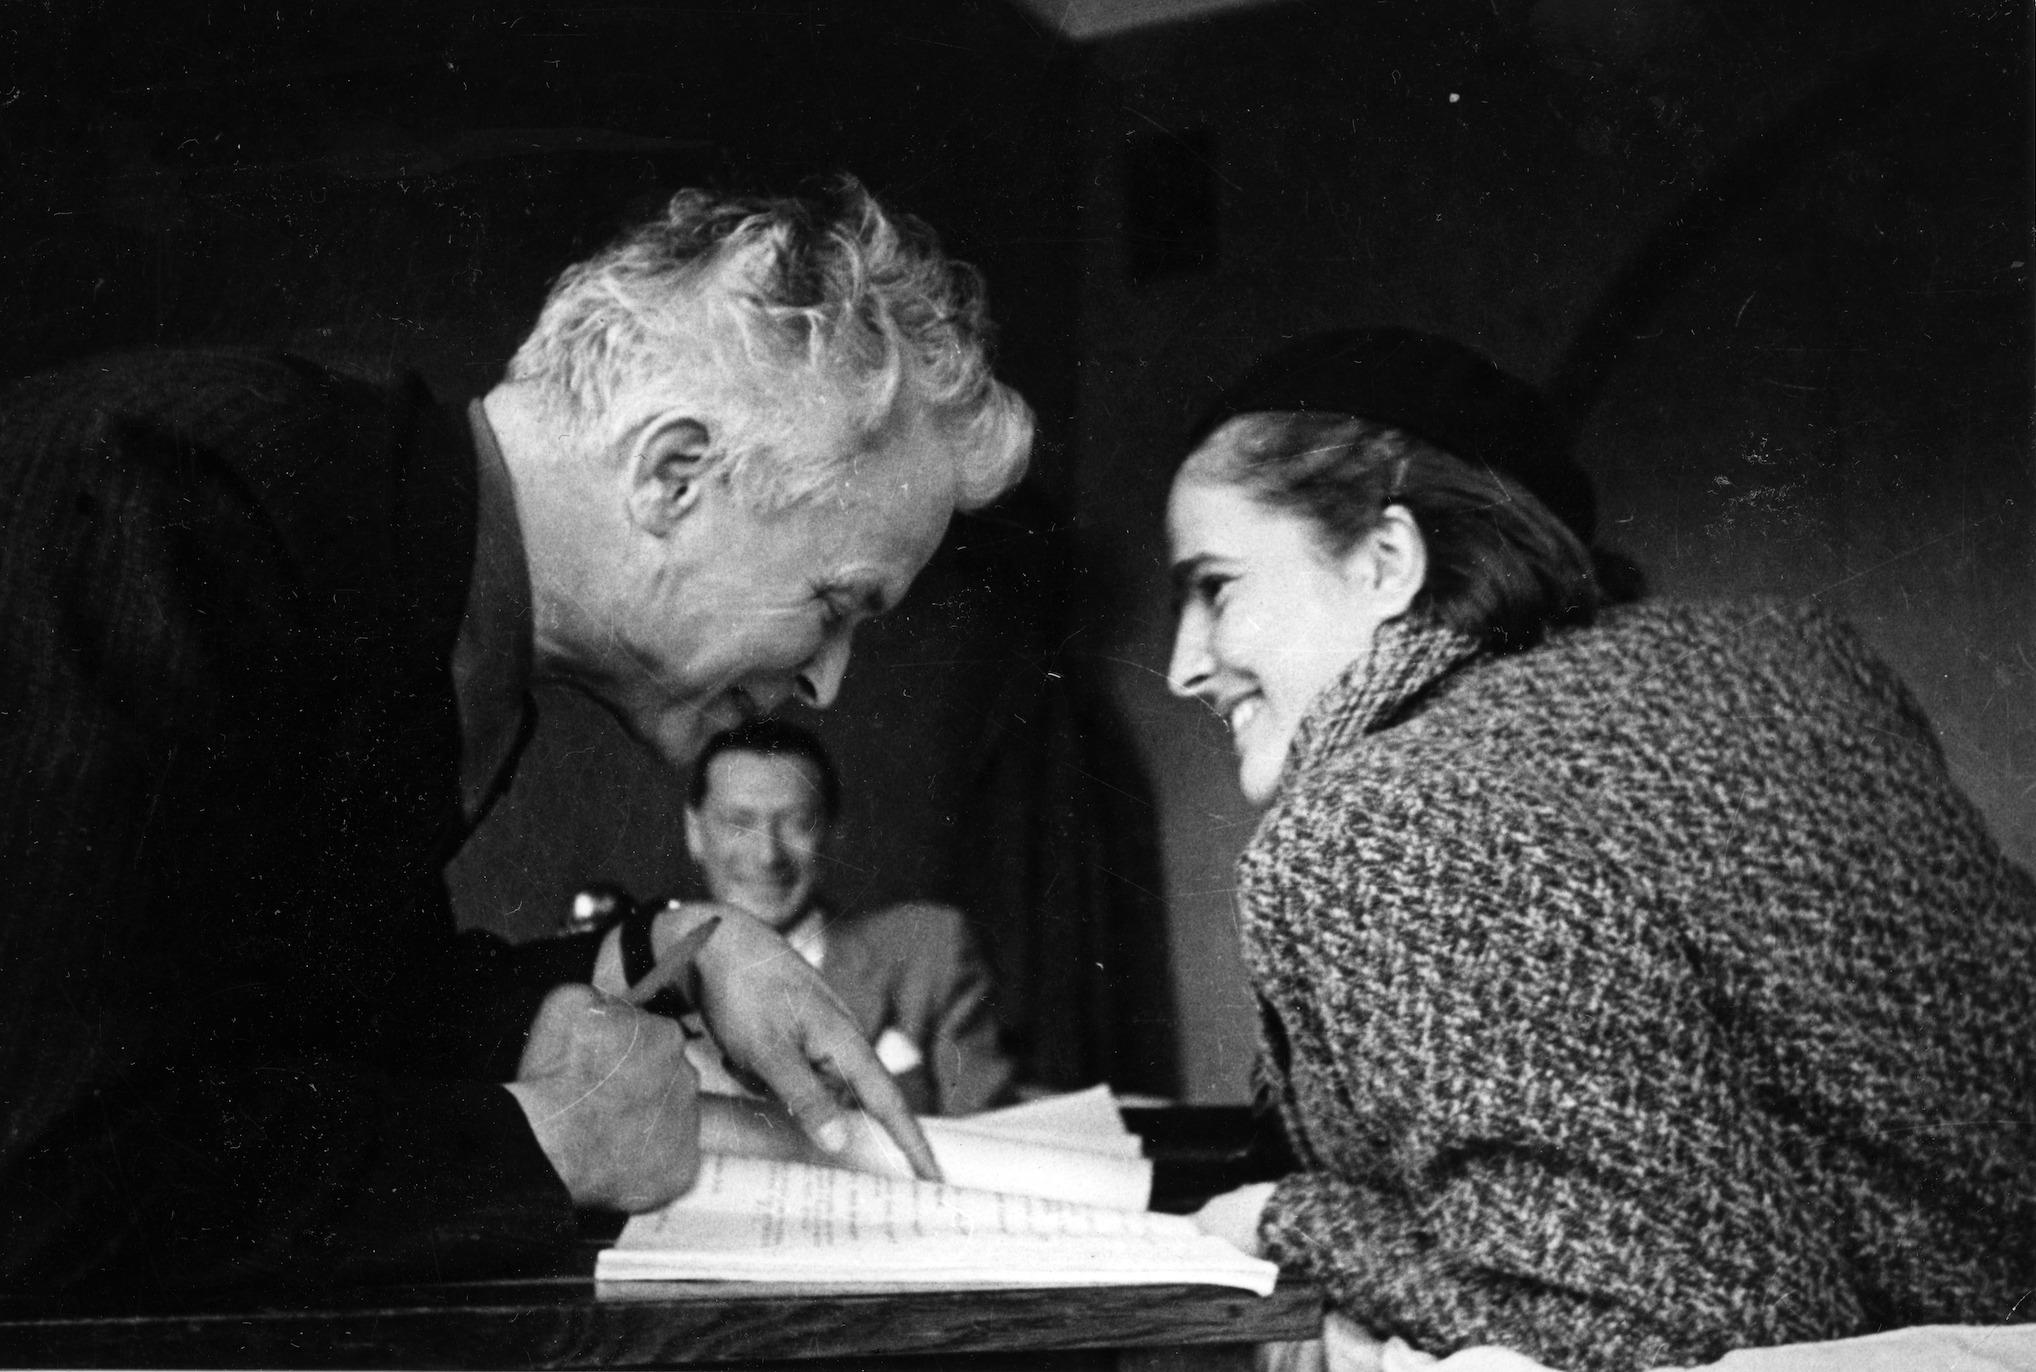 Александр Довженко и Юлия Солнцева. Фото: Музей Национальной киностудии имени Александра Довженко